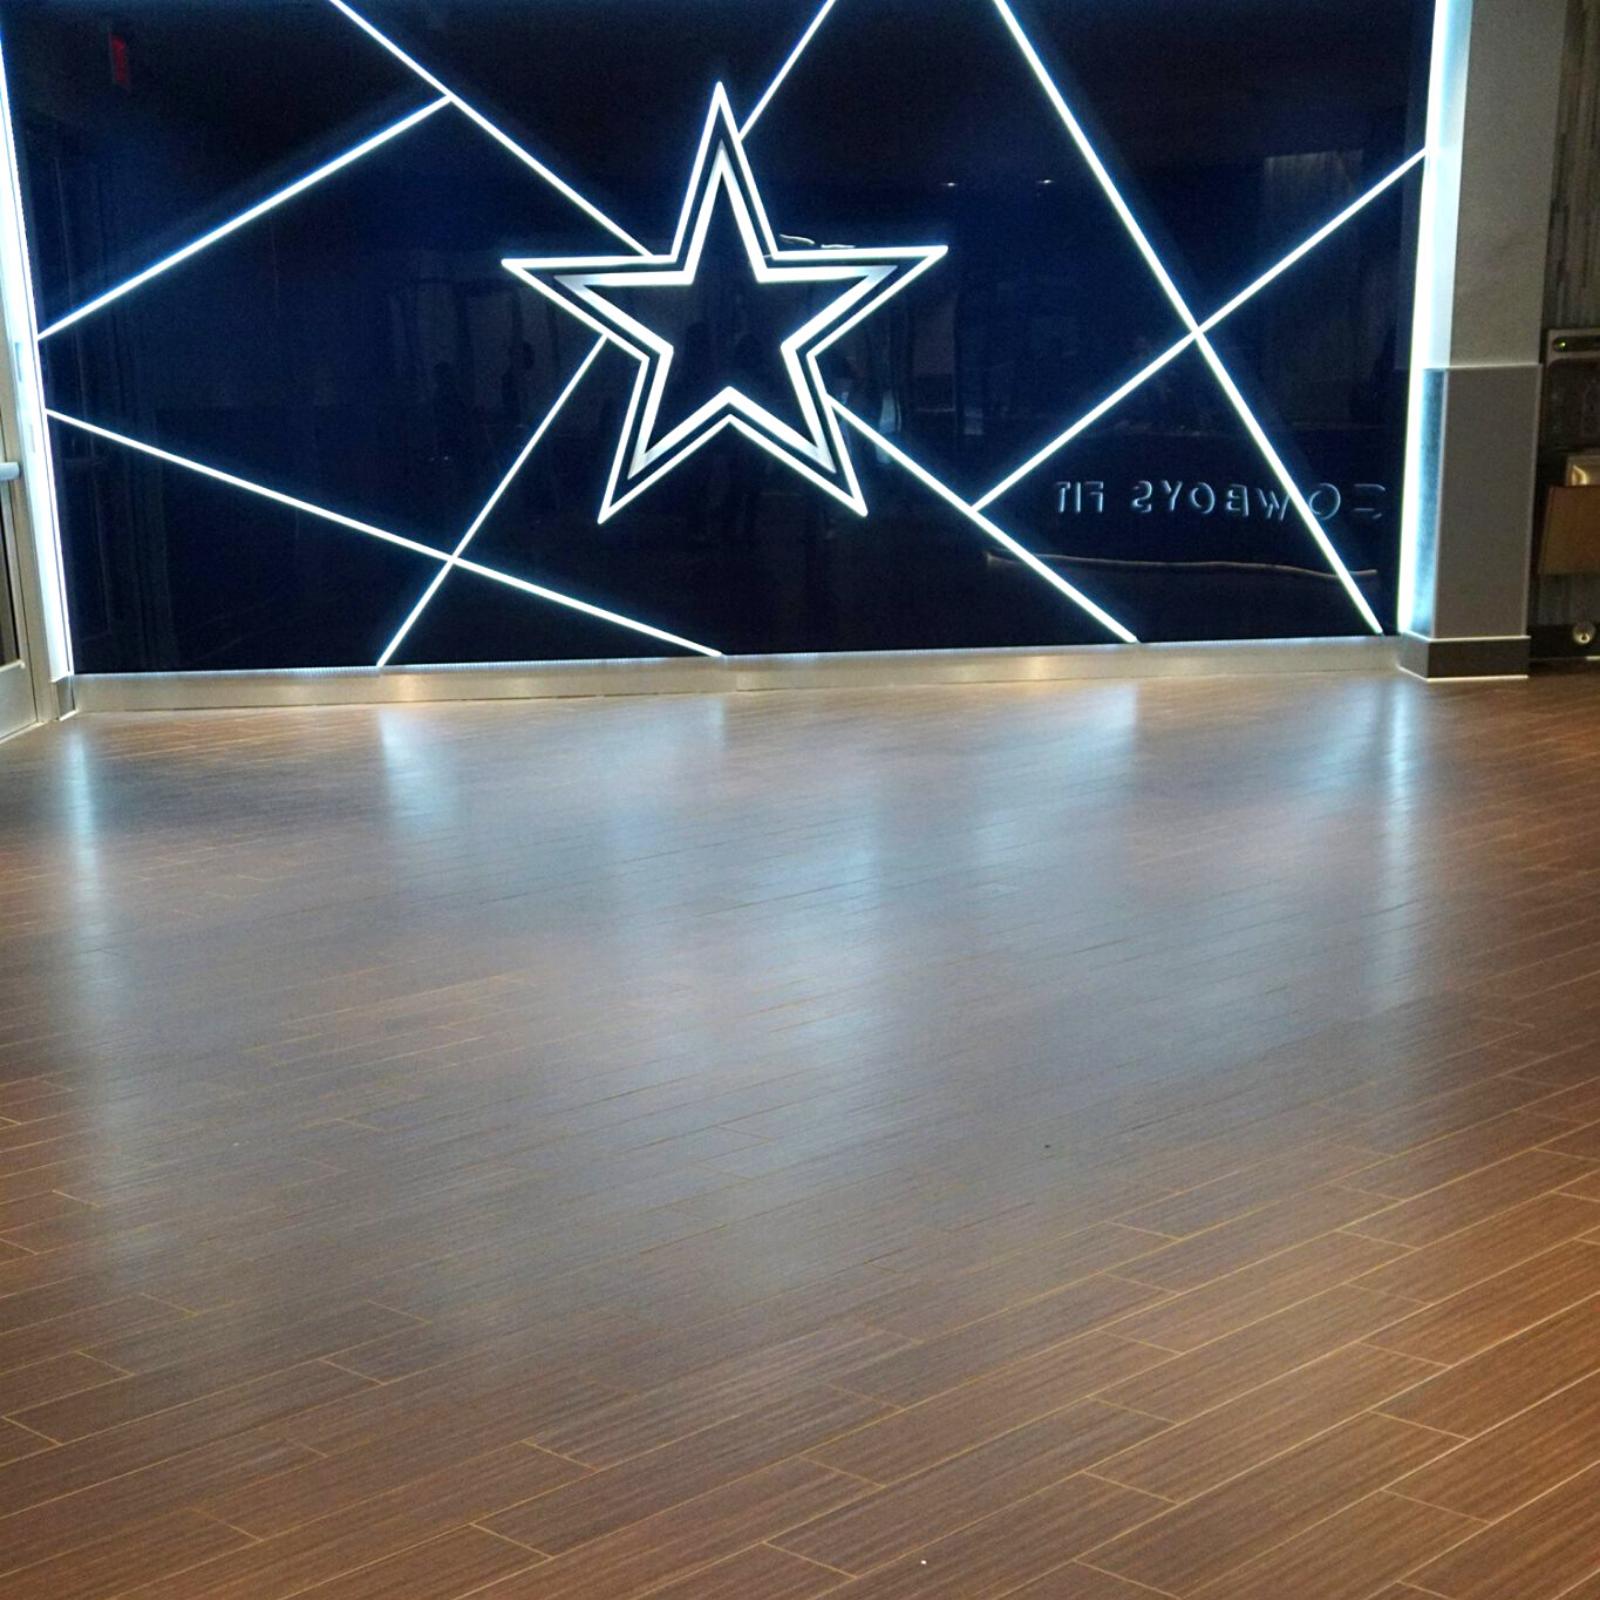 Dallas Cowboys Fit